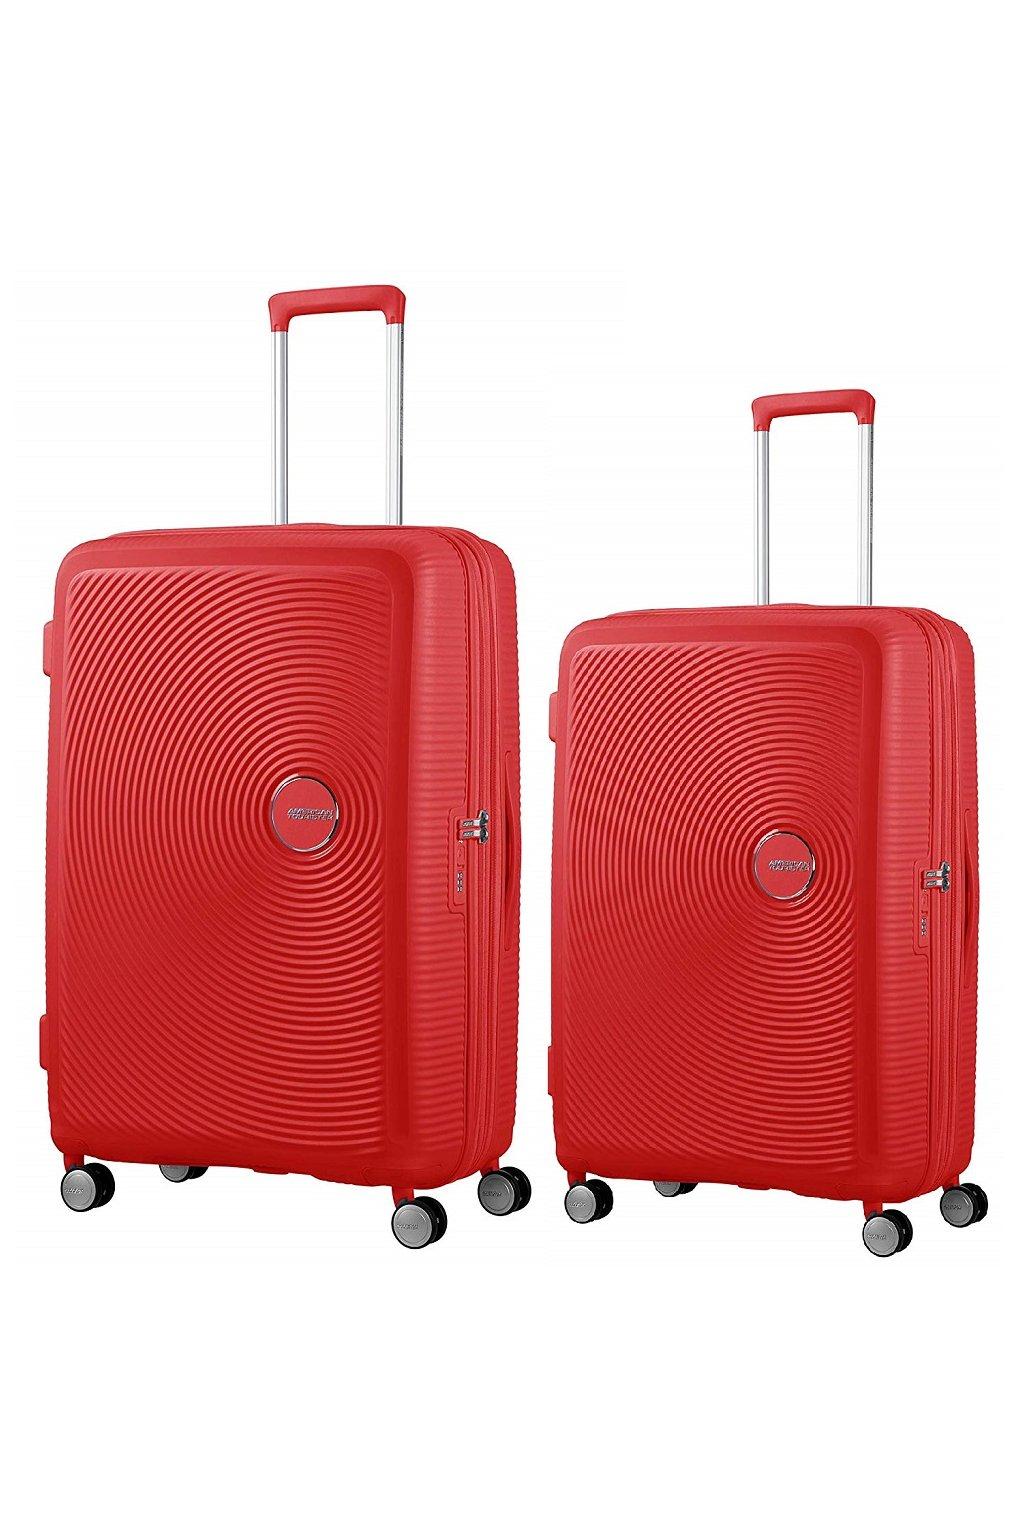 kufrland americantourister soundbox red (14)